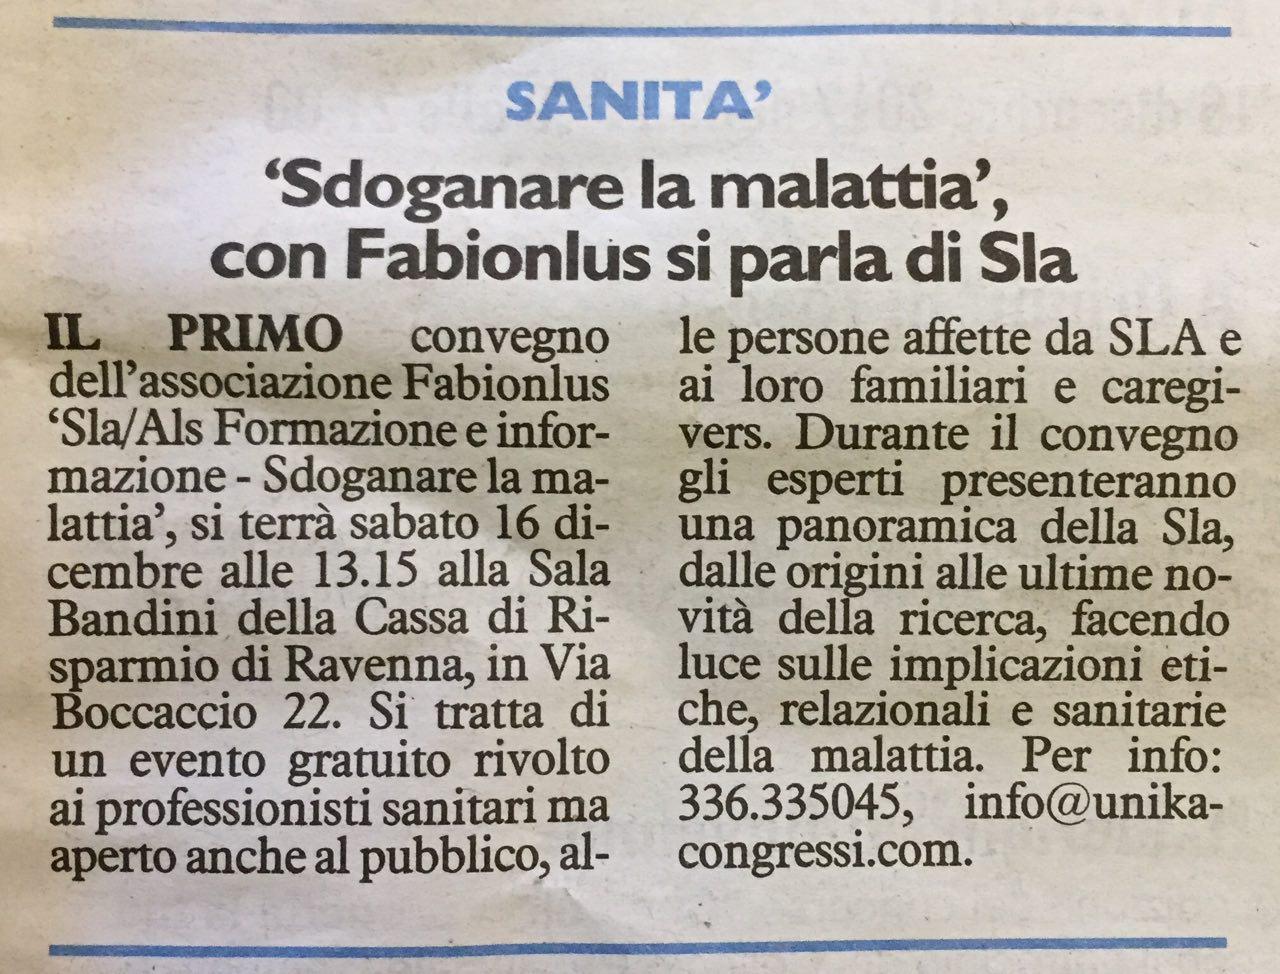 - Il Resto del Carlino - 17.12.2017